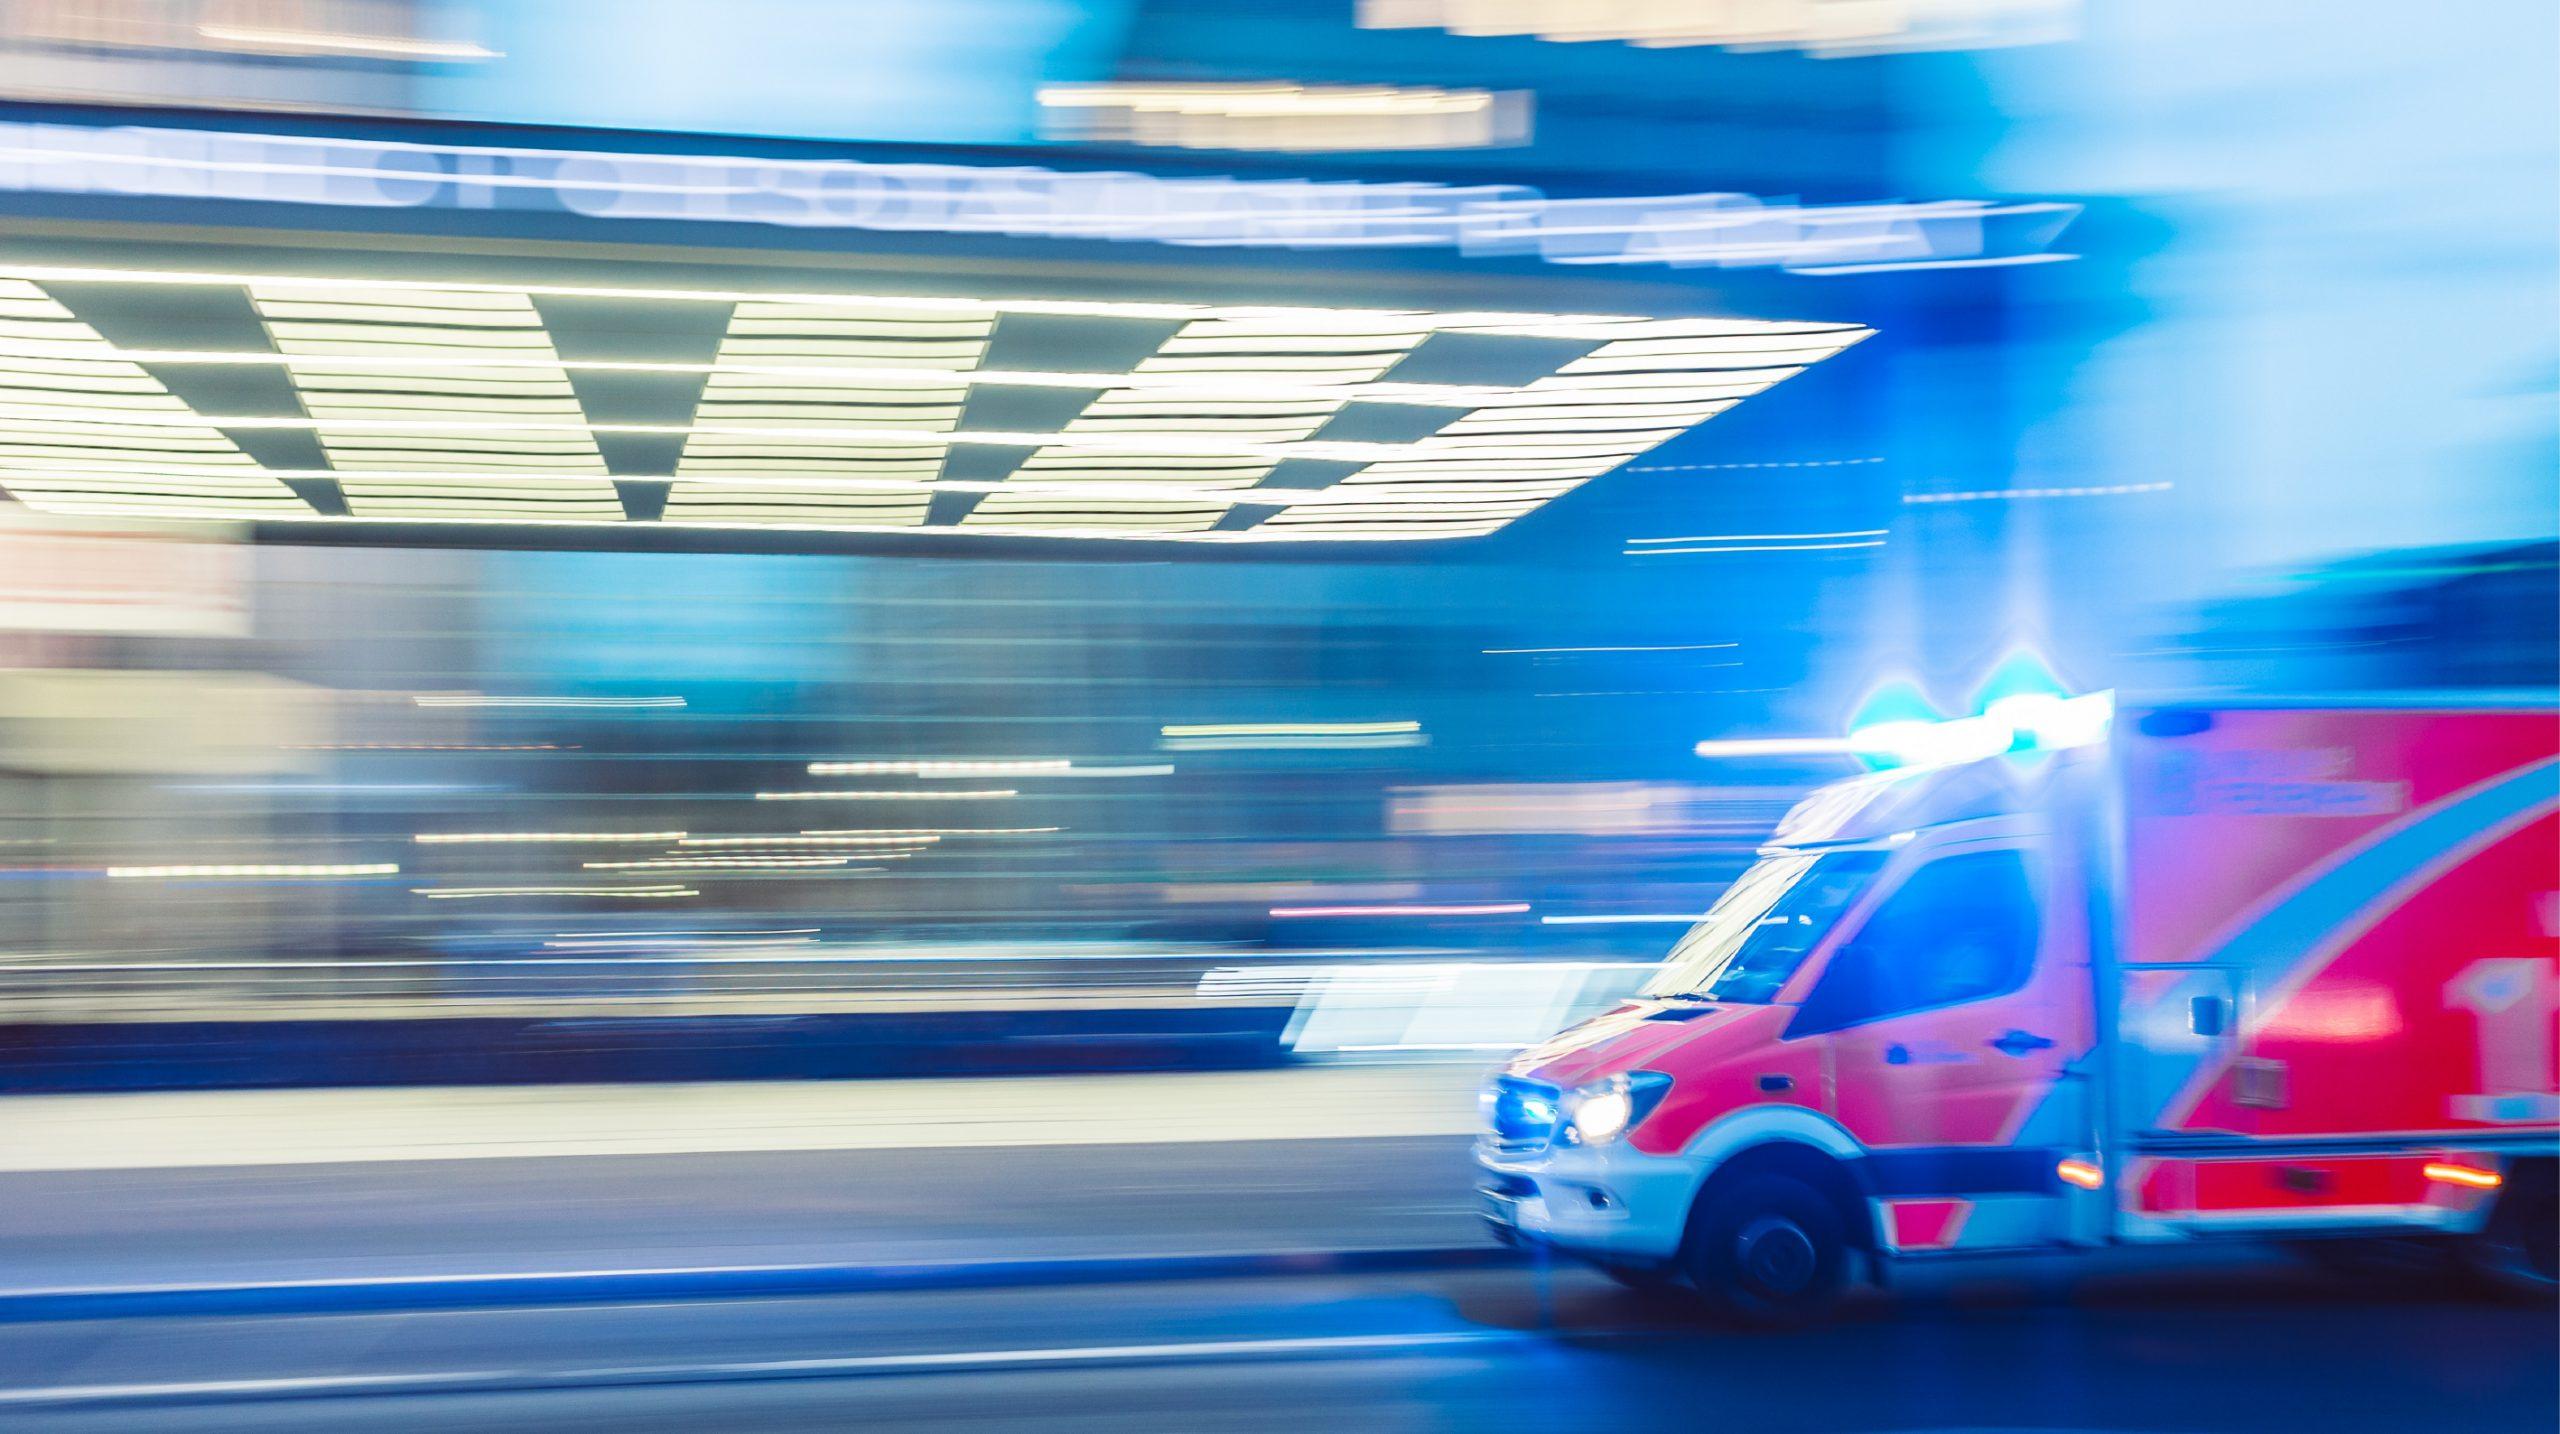 救急車両における高速道路の渋滞問題を解決した『Median AMB』